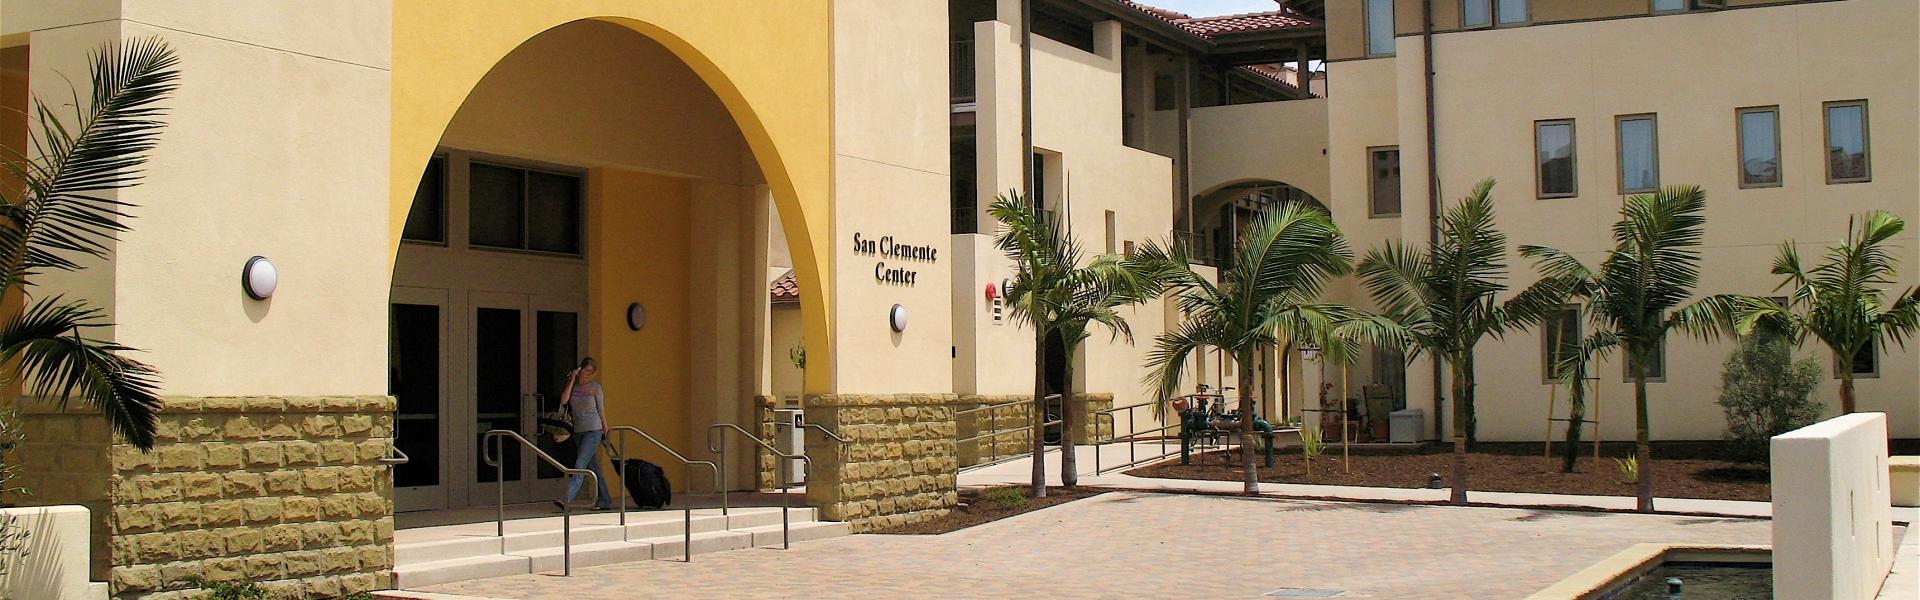 San Clemente student housing building